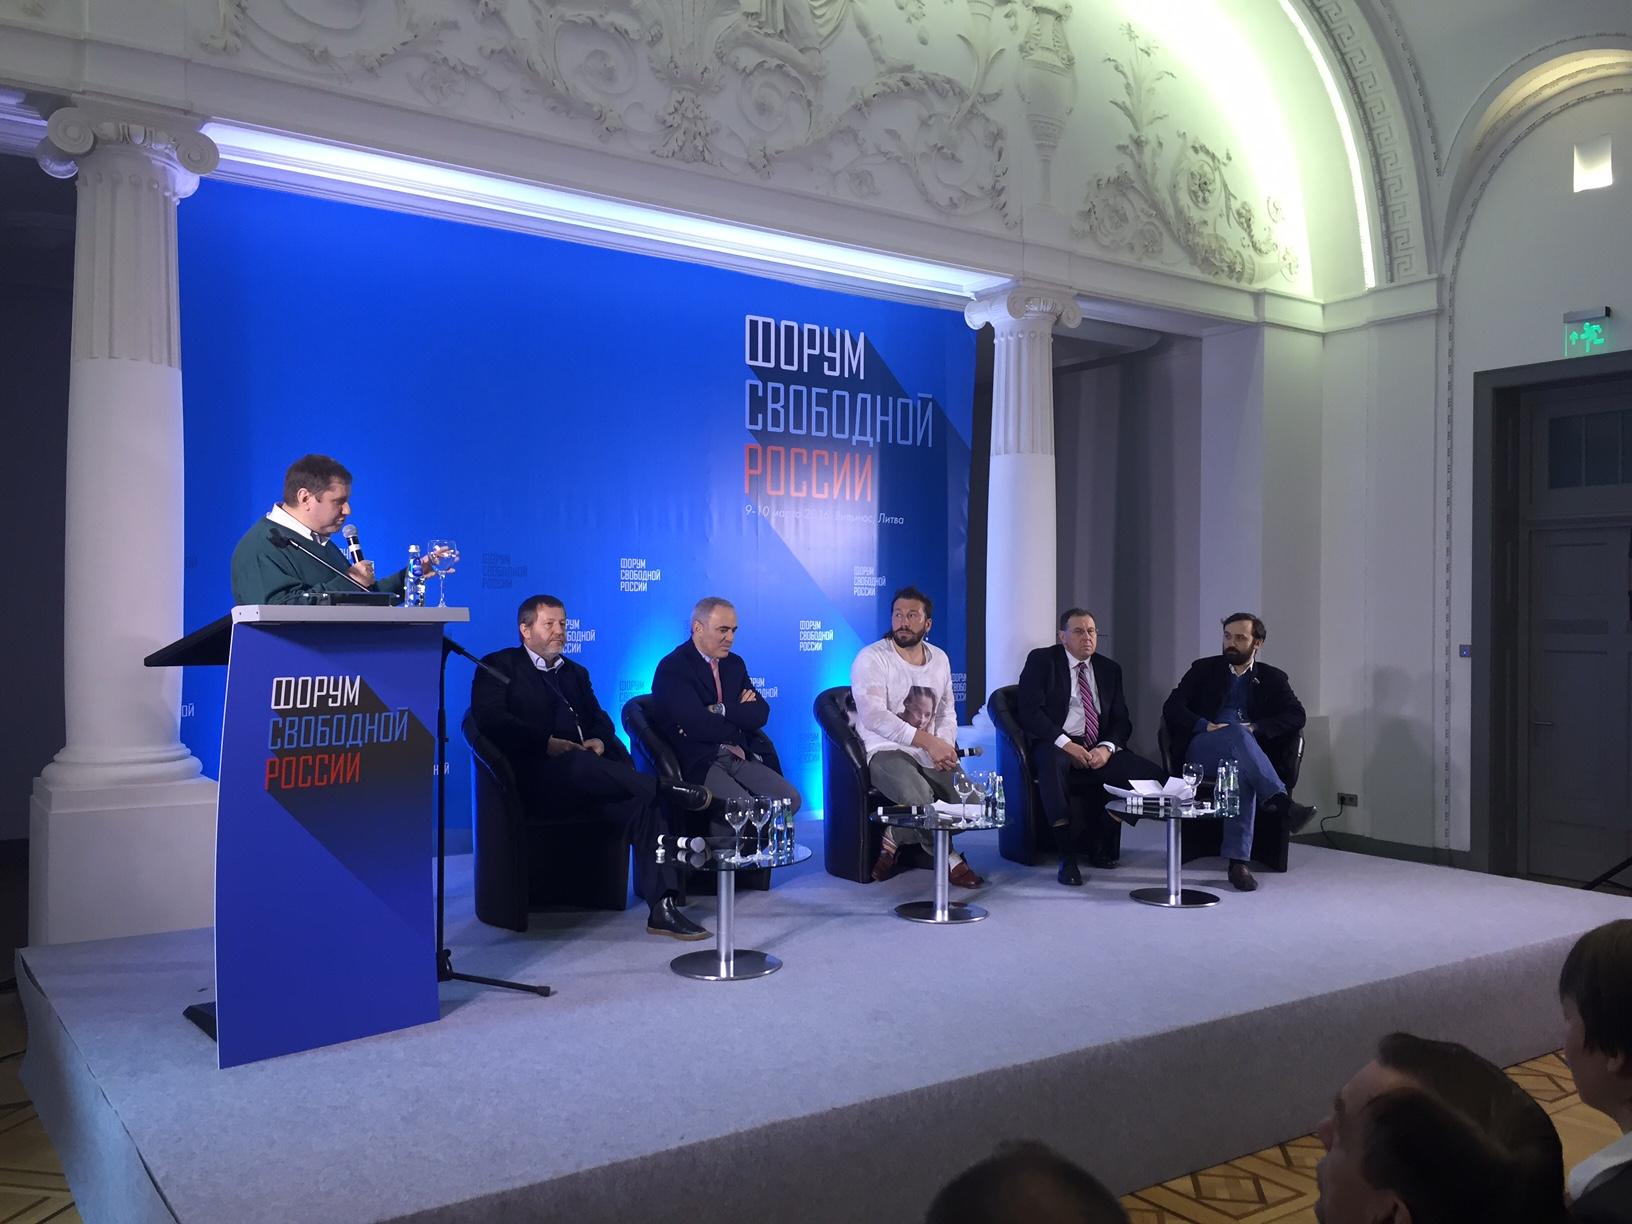 Форум «Свободная Россия» продемонстрировал всю сущность оппозиции